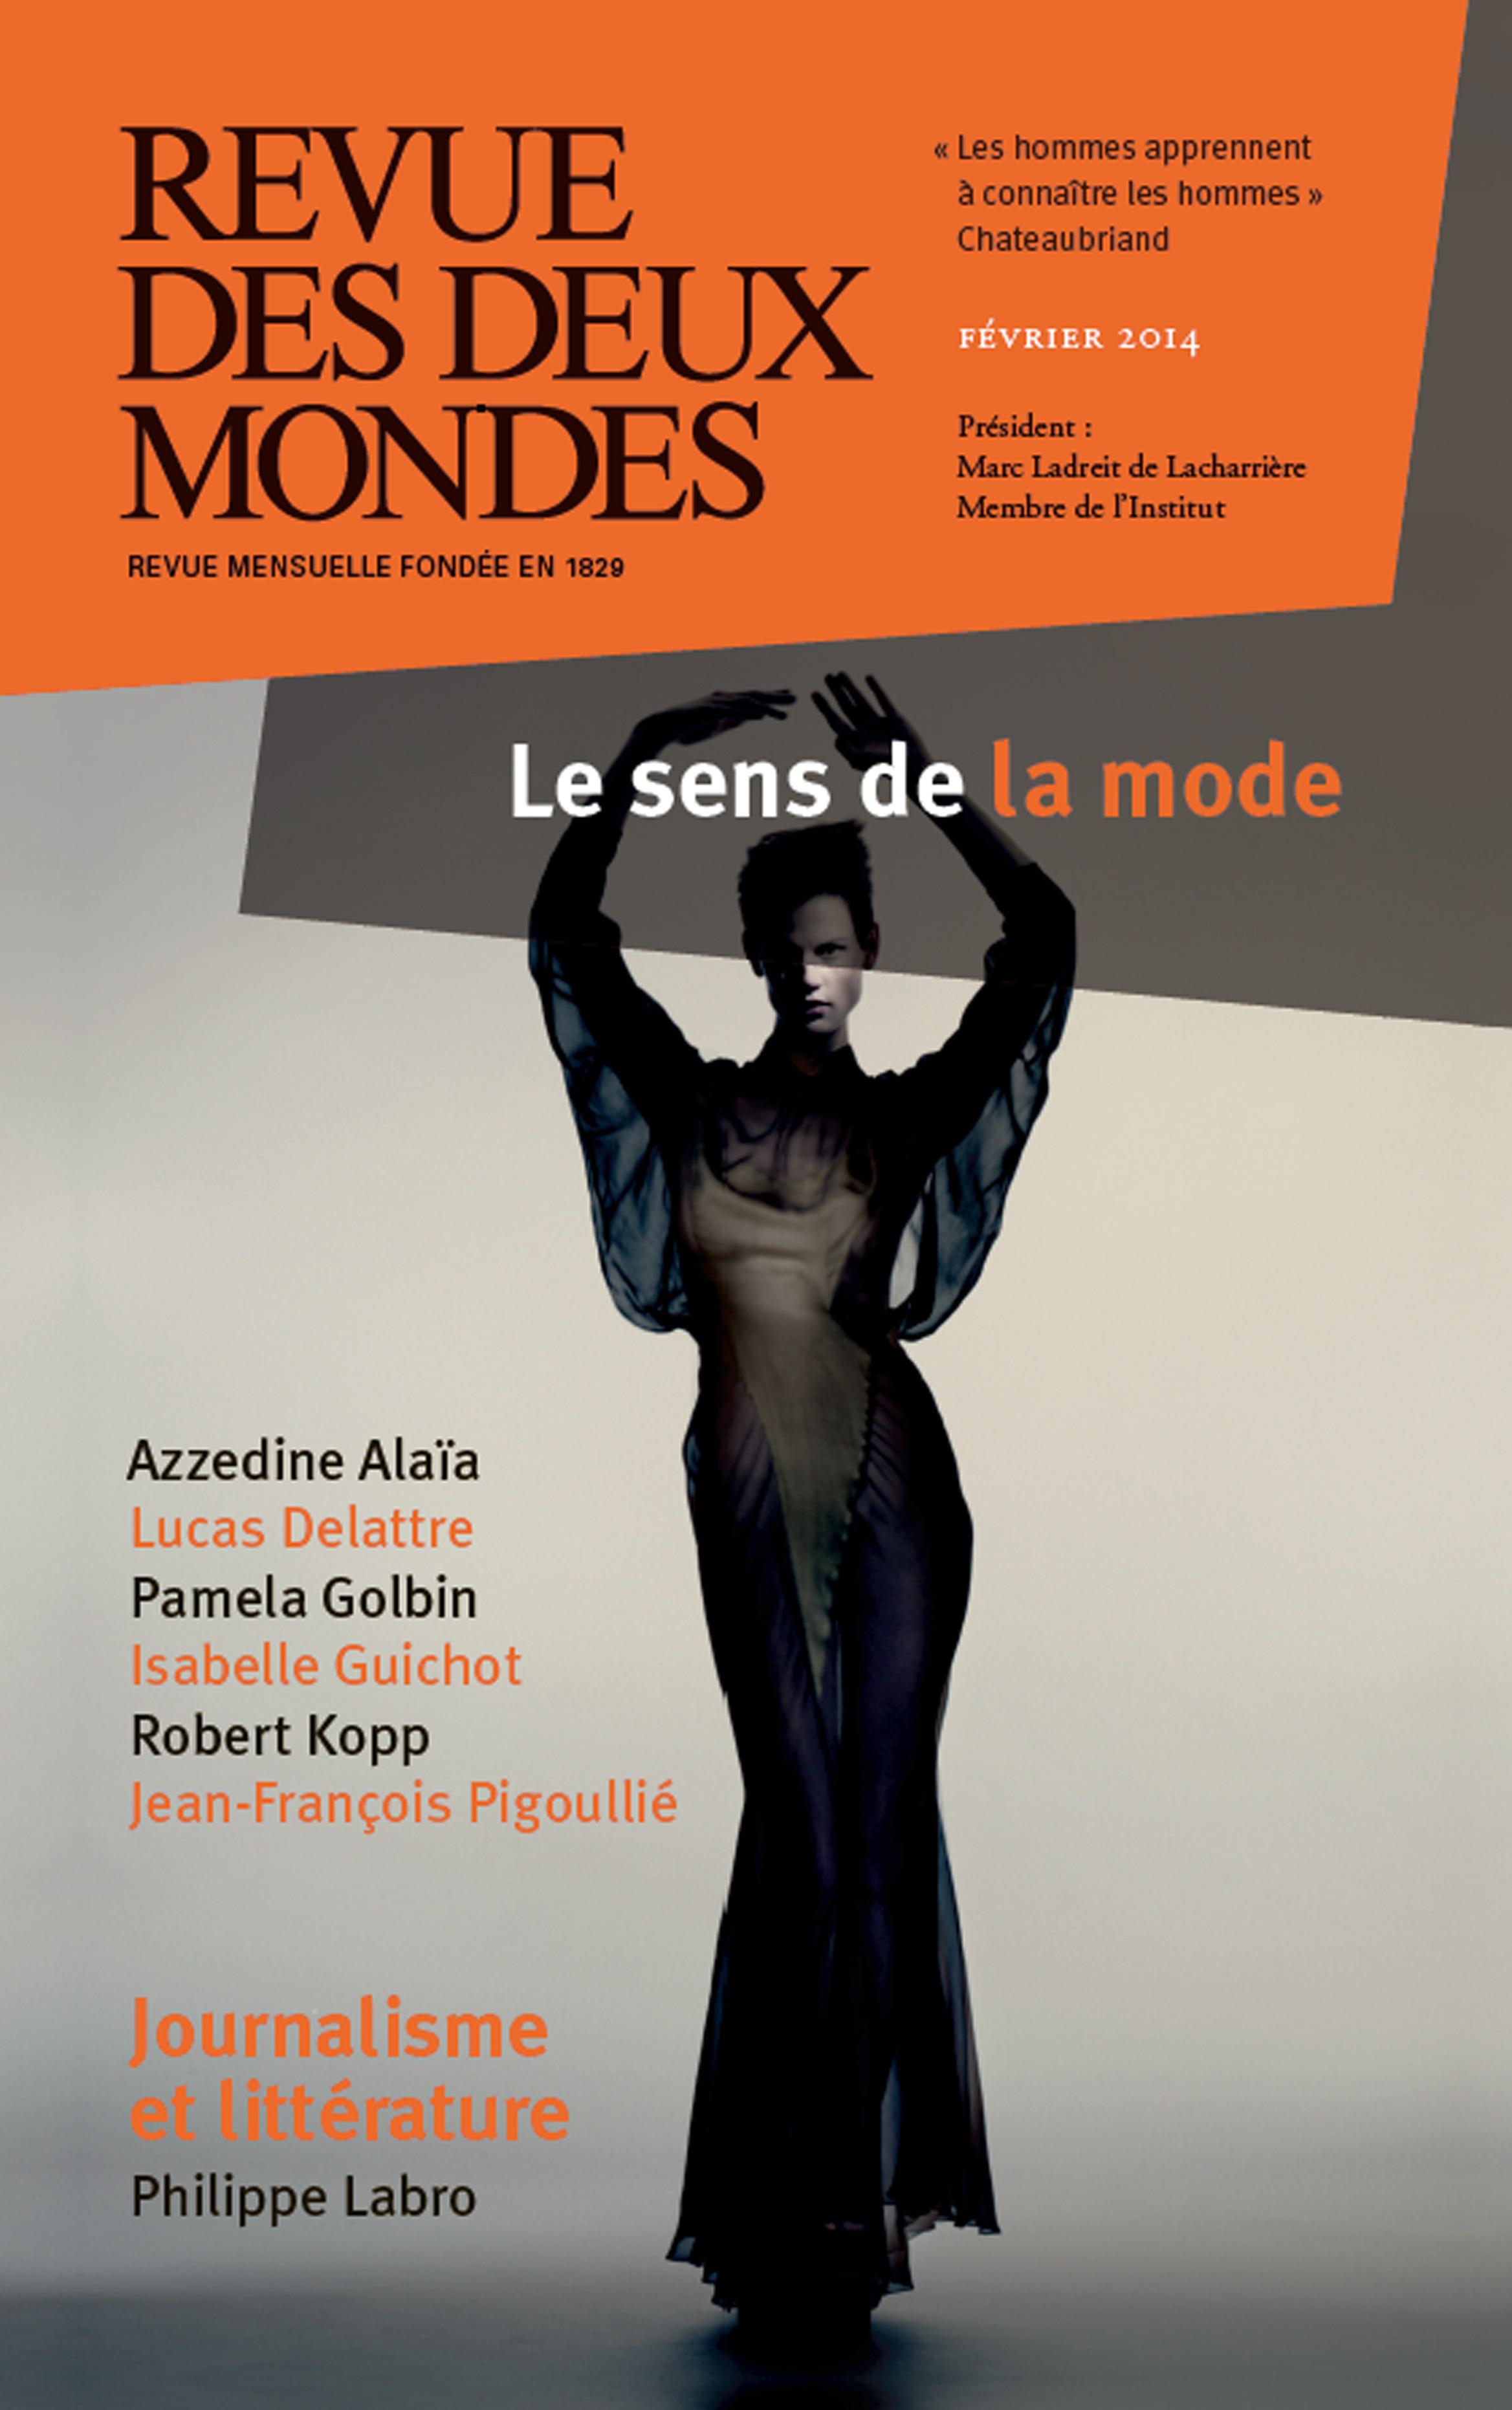 REVUE DES DEUX MONDES ; la mode